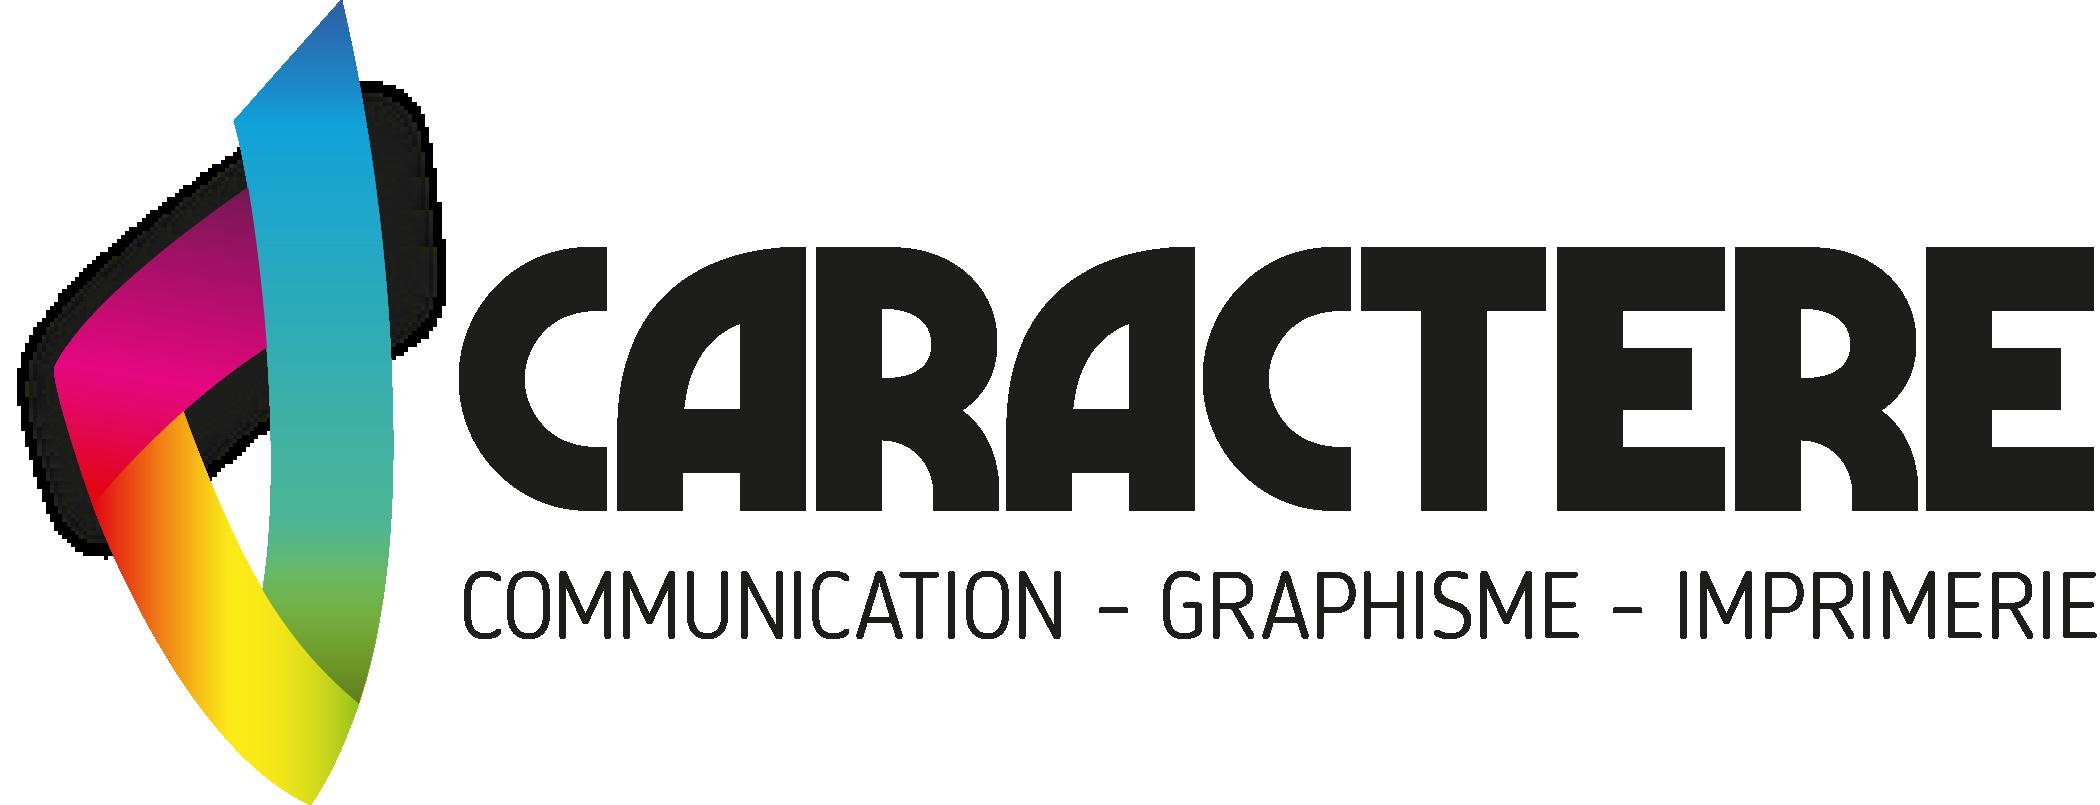 Caractère Imprimerie Communication Corse